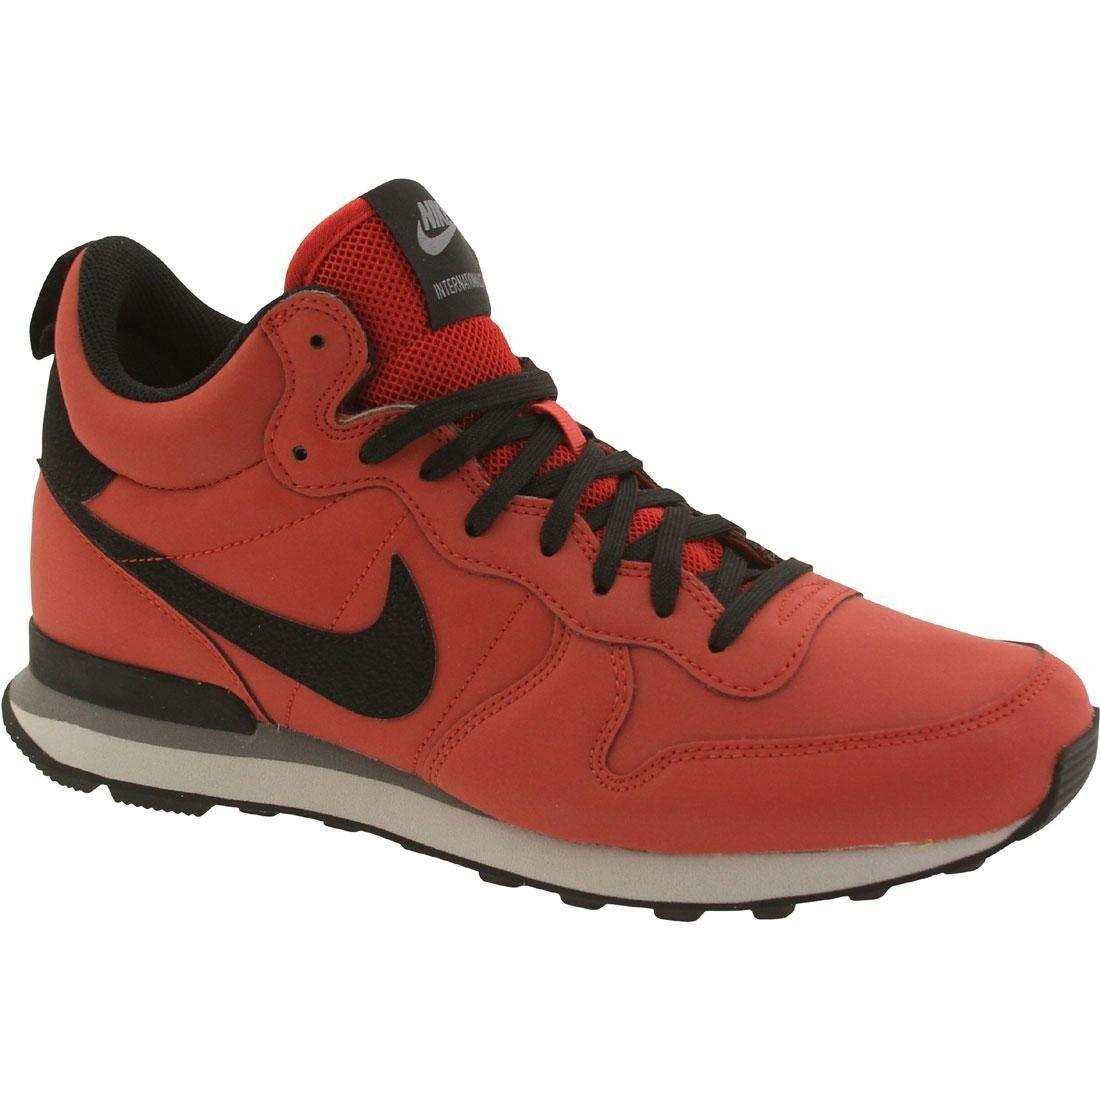 Nike De Hombres internationlist MID QS Rojo Negro De Nike Arcilla Roja 98729a